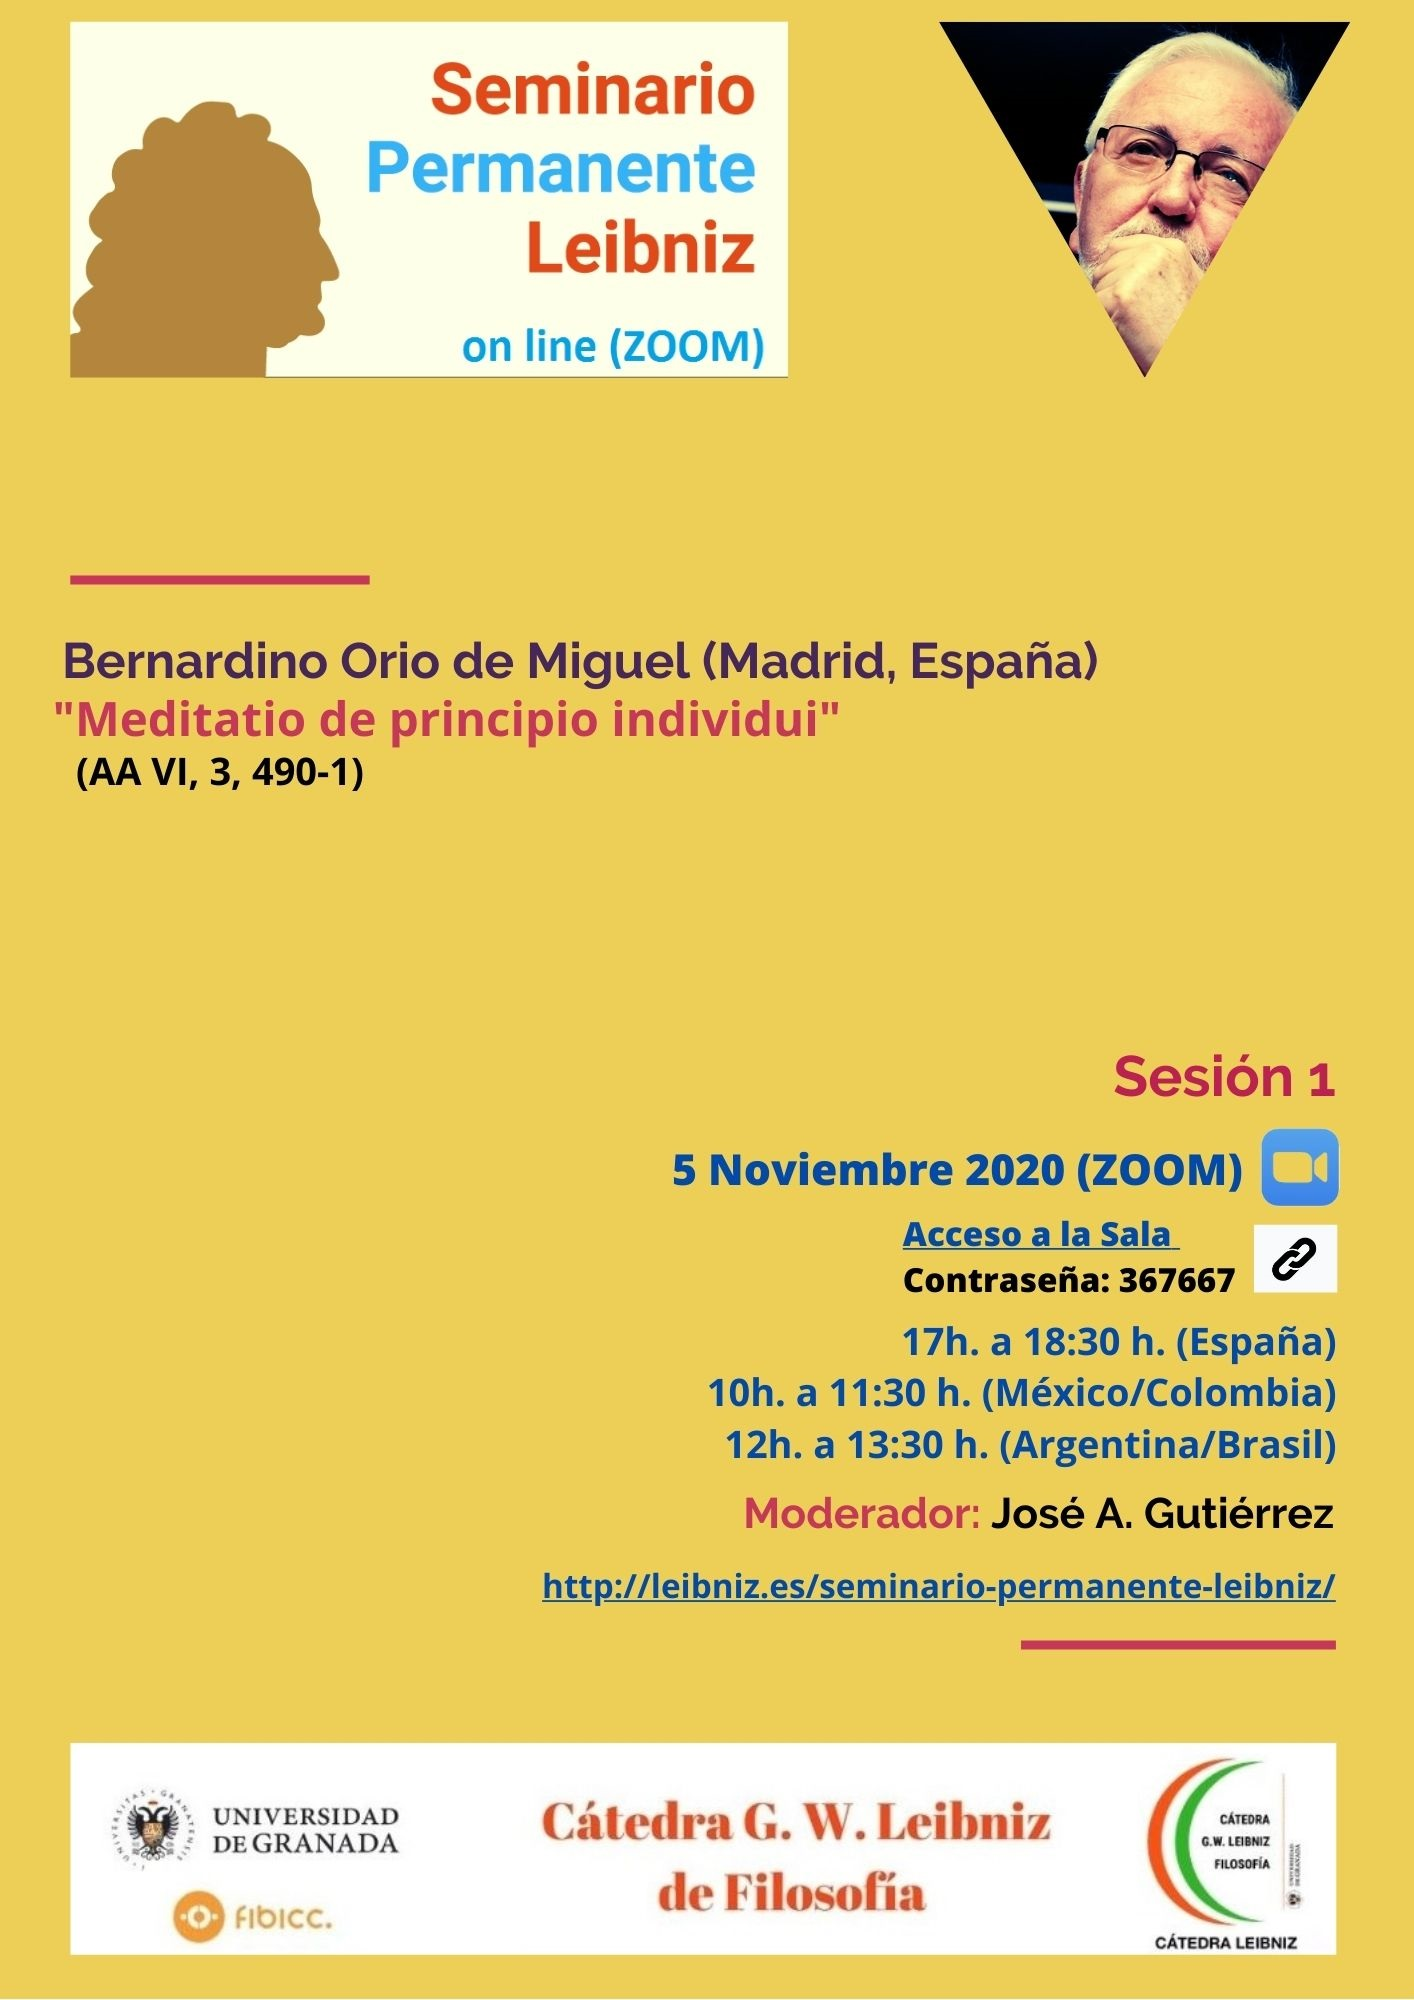 Sesión I. Seminario Permanente Leibniz (on-line)